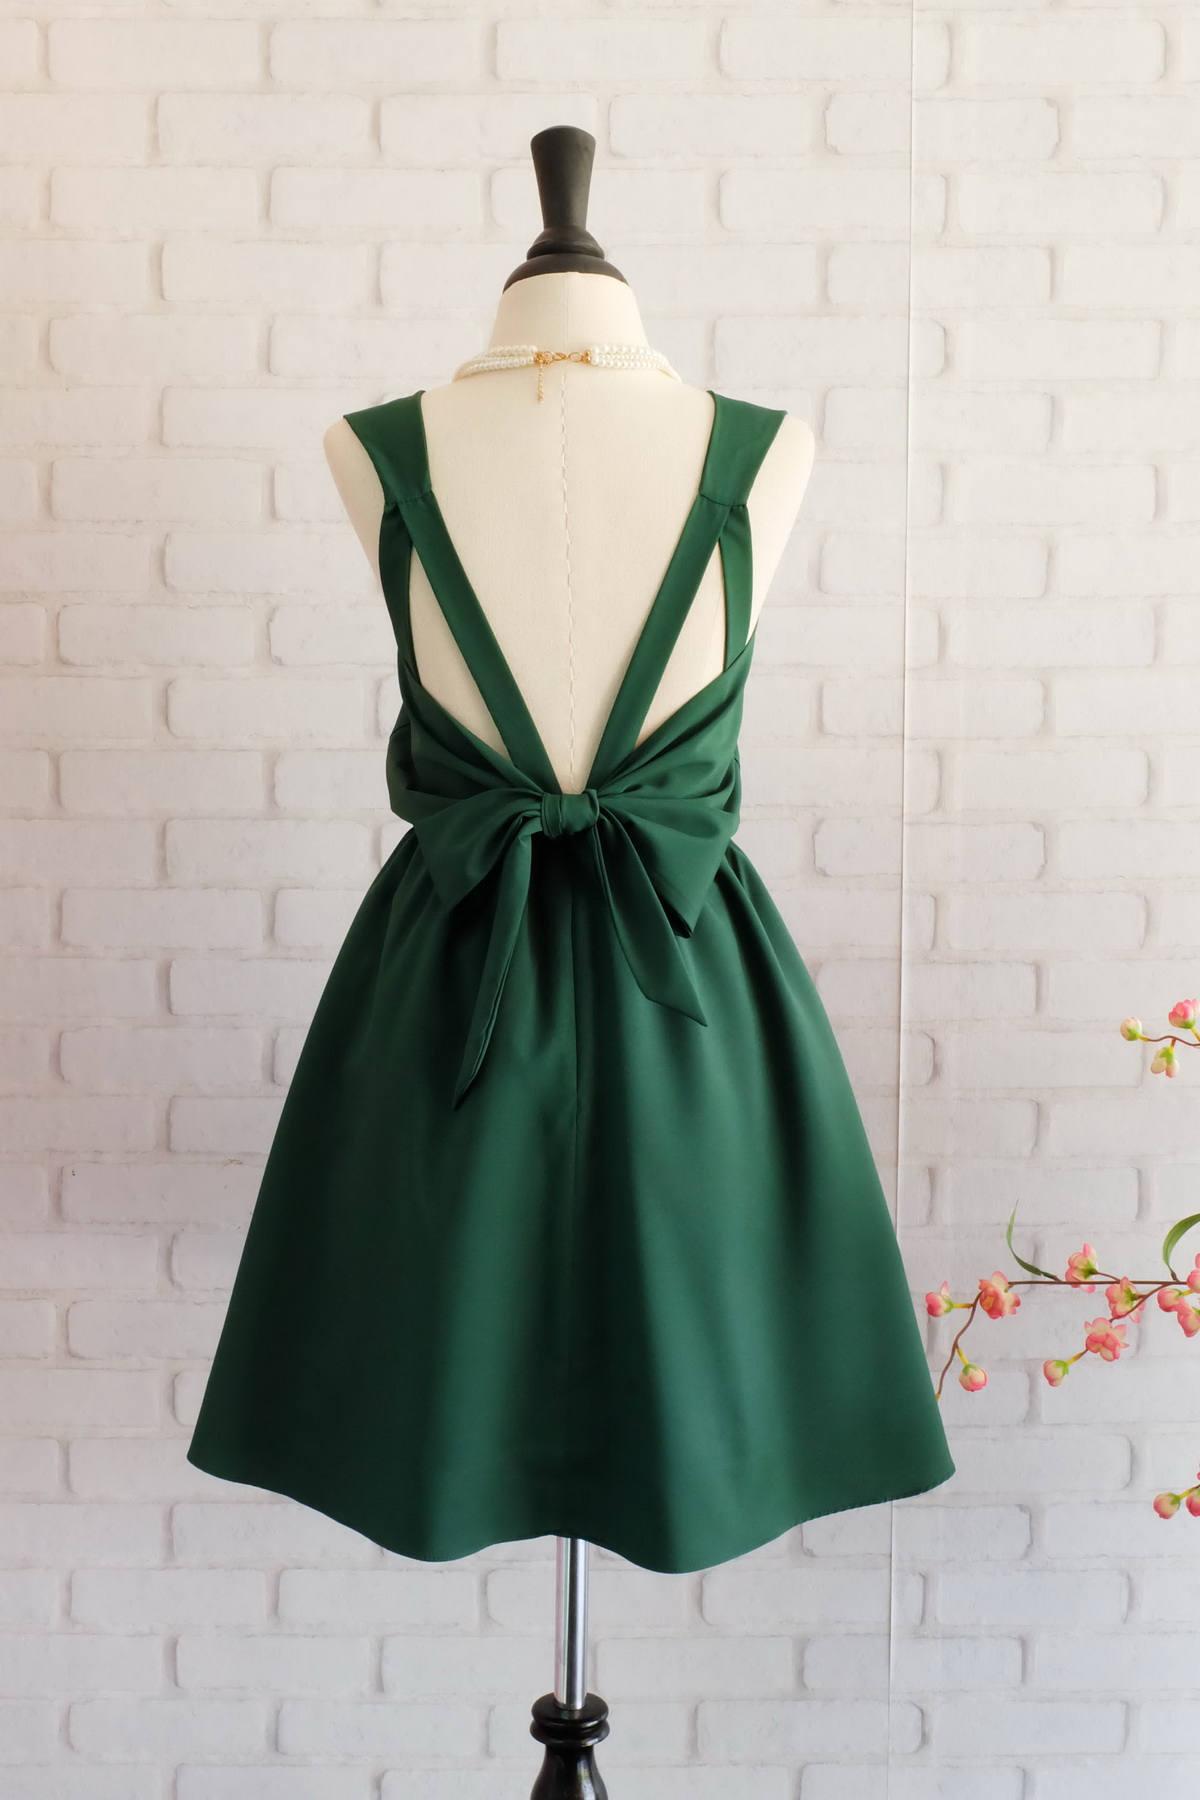 Forest Green Kleid grünen Kleid grün Abschlussball Kleid